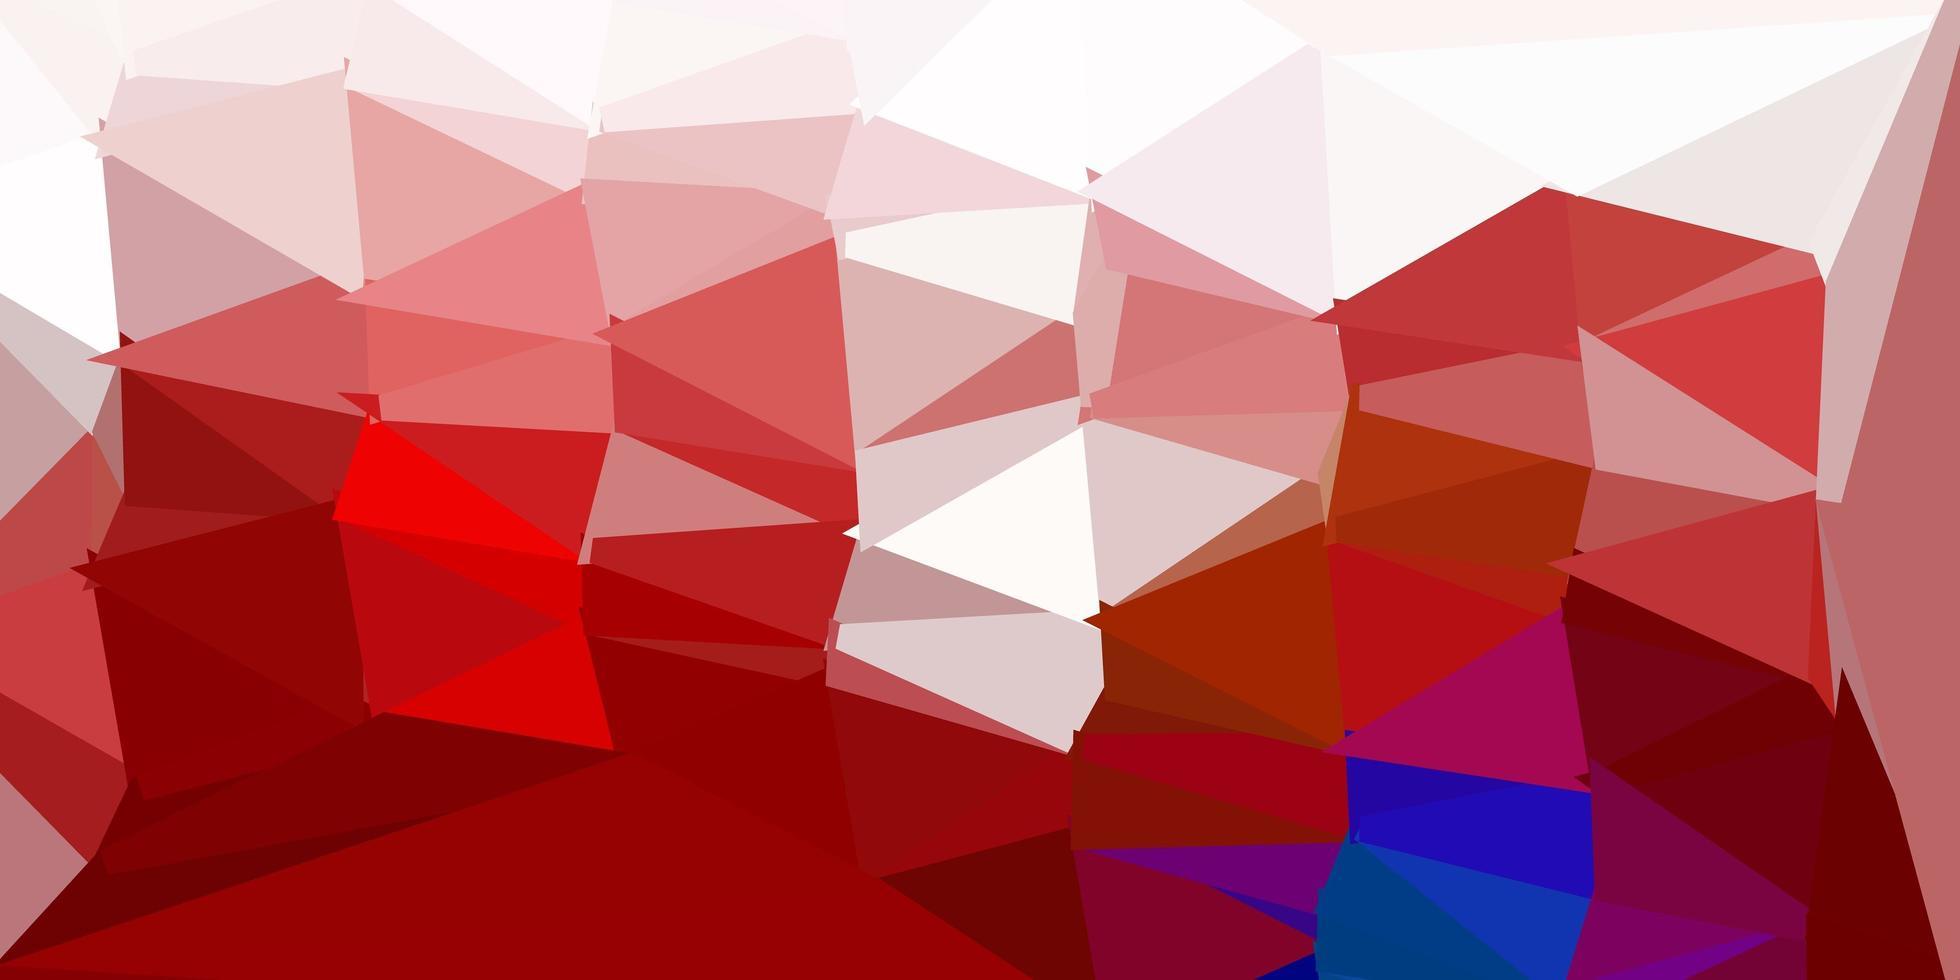 fundo do mosaico do triângulo do vetor azul escuro e vermelho.